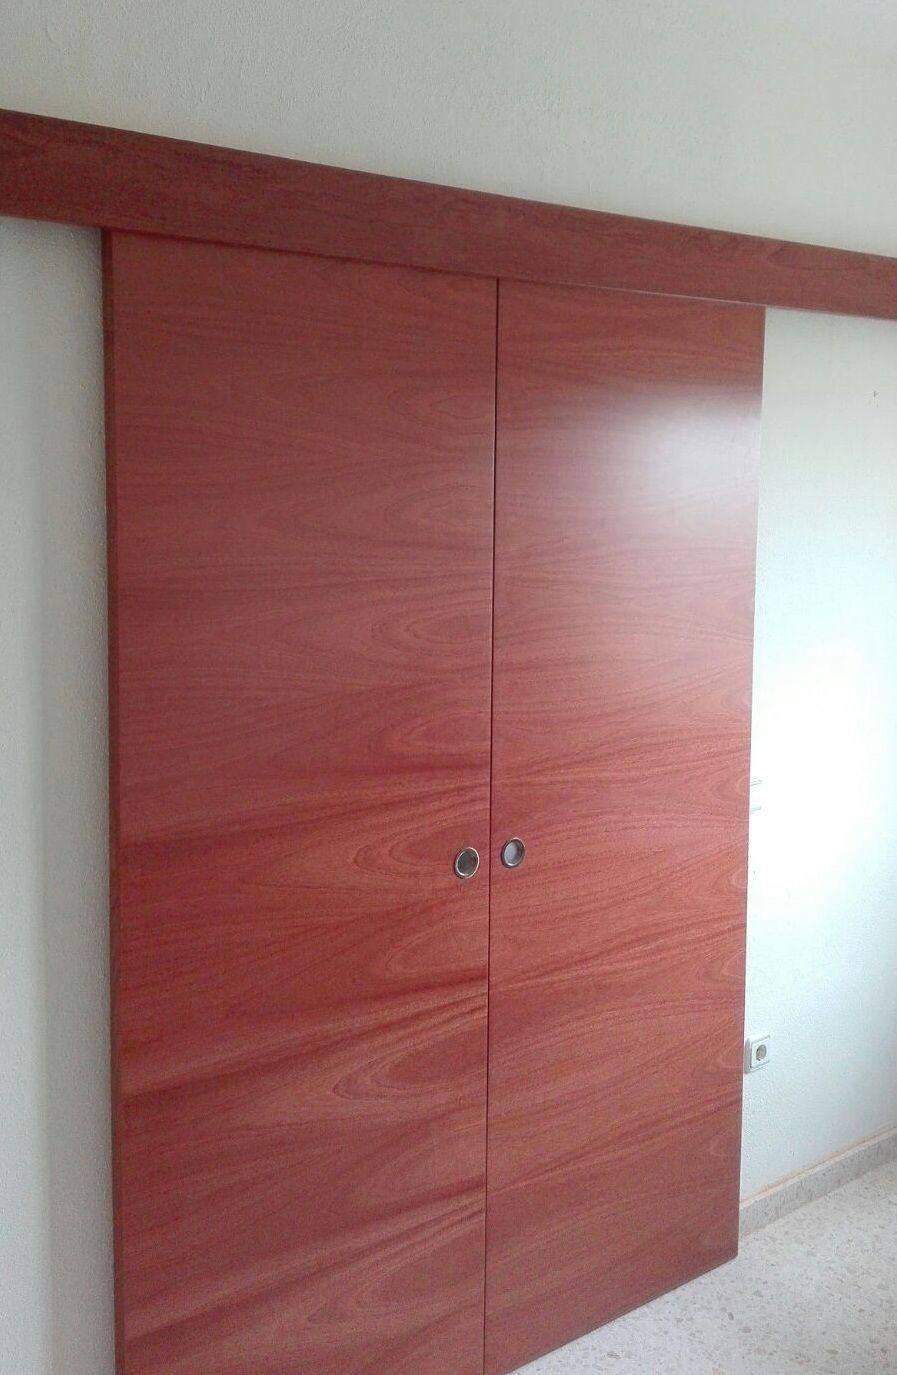 Puerta corredera doble l62 sapelly rameado sin marcos ni for Puertas correderas exterior